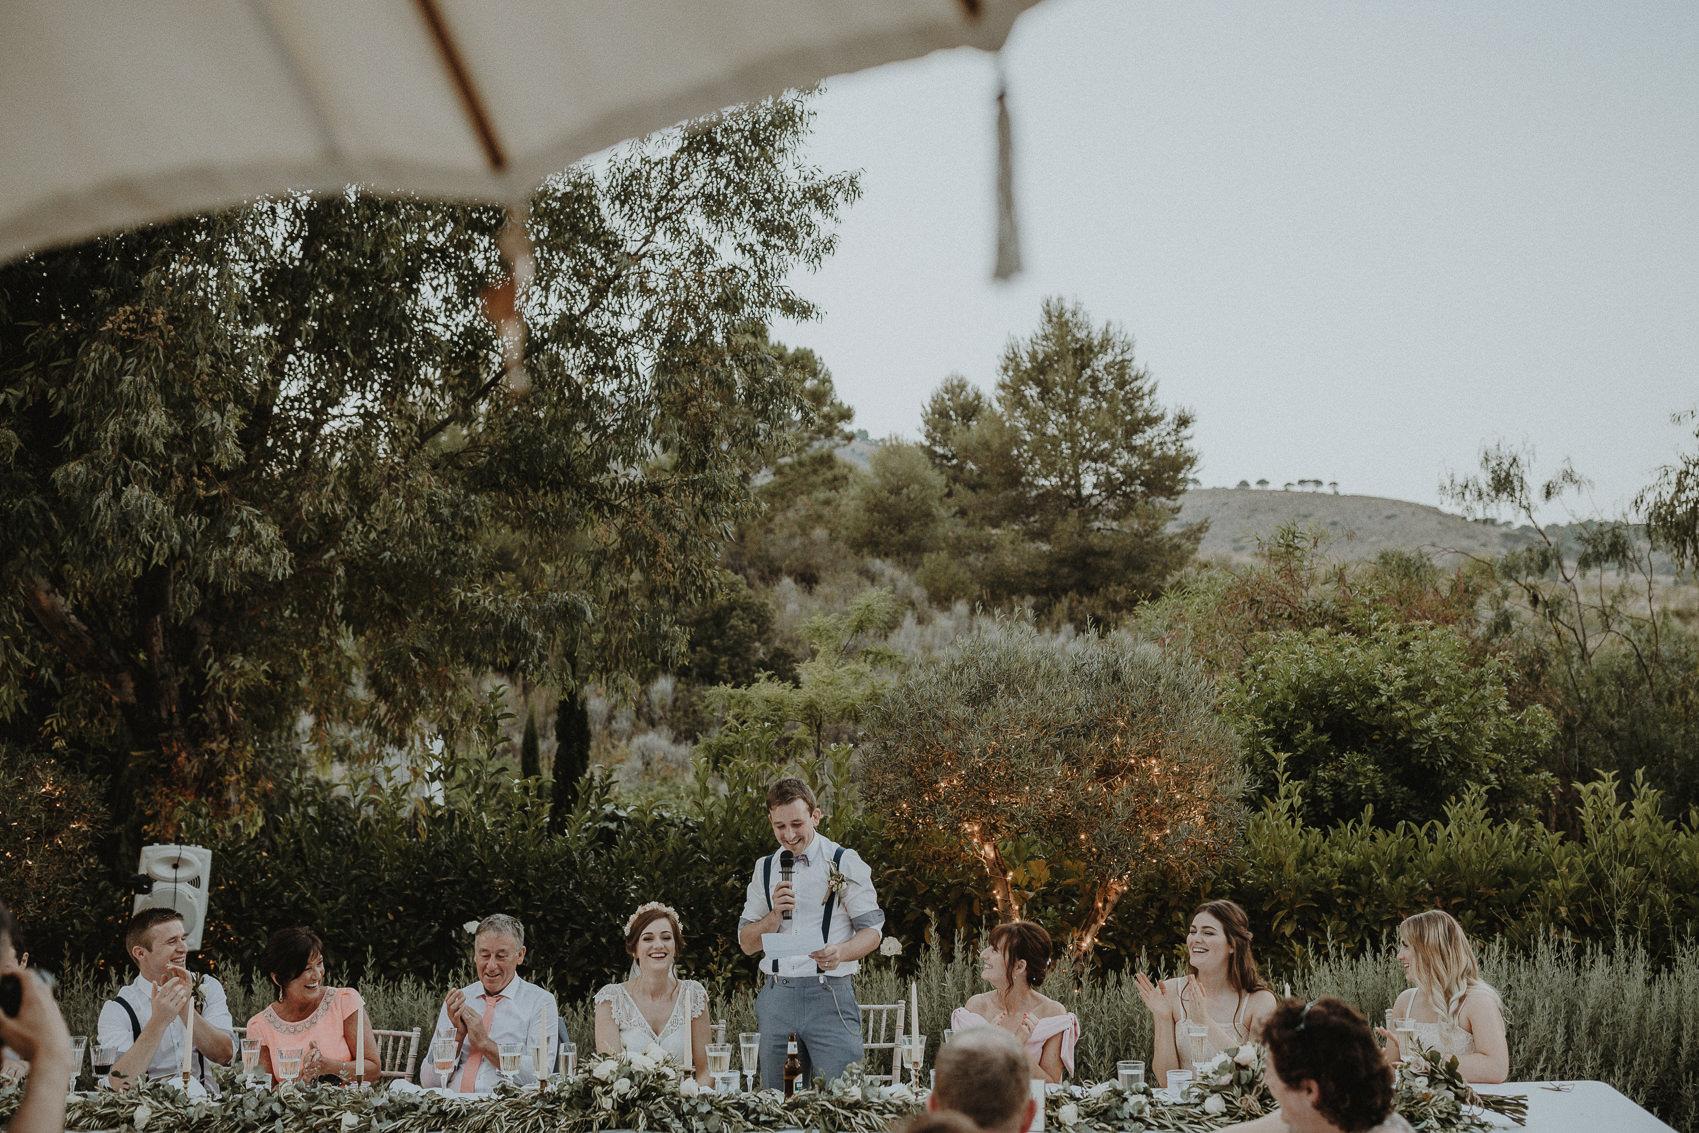 Sarah & Bill | Summer wedding at Cortijo Rosa Blanca | Marbella - Spain 148